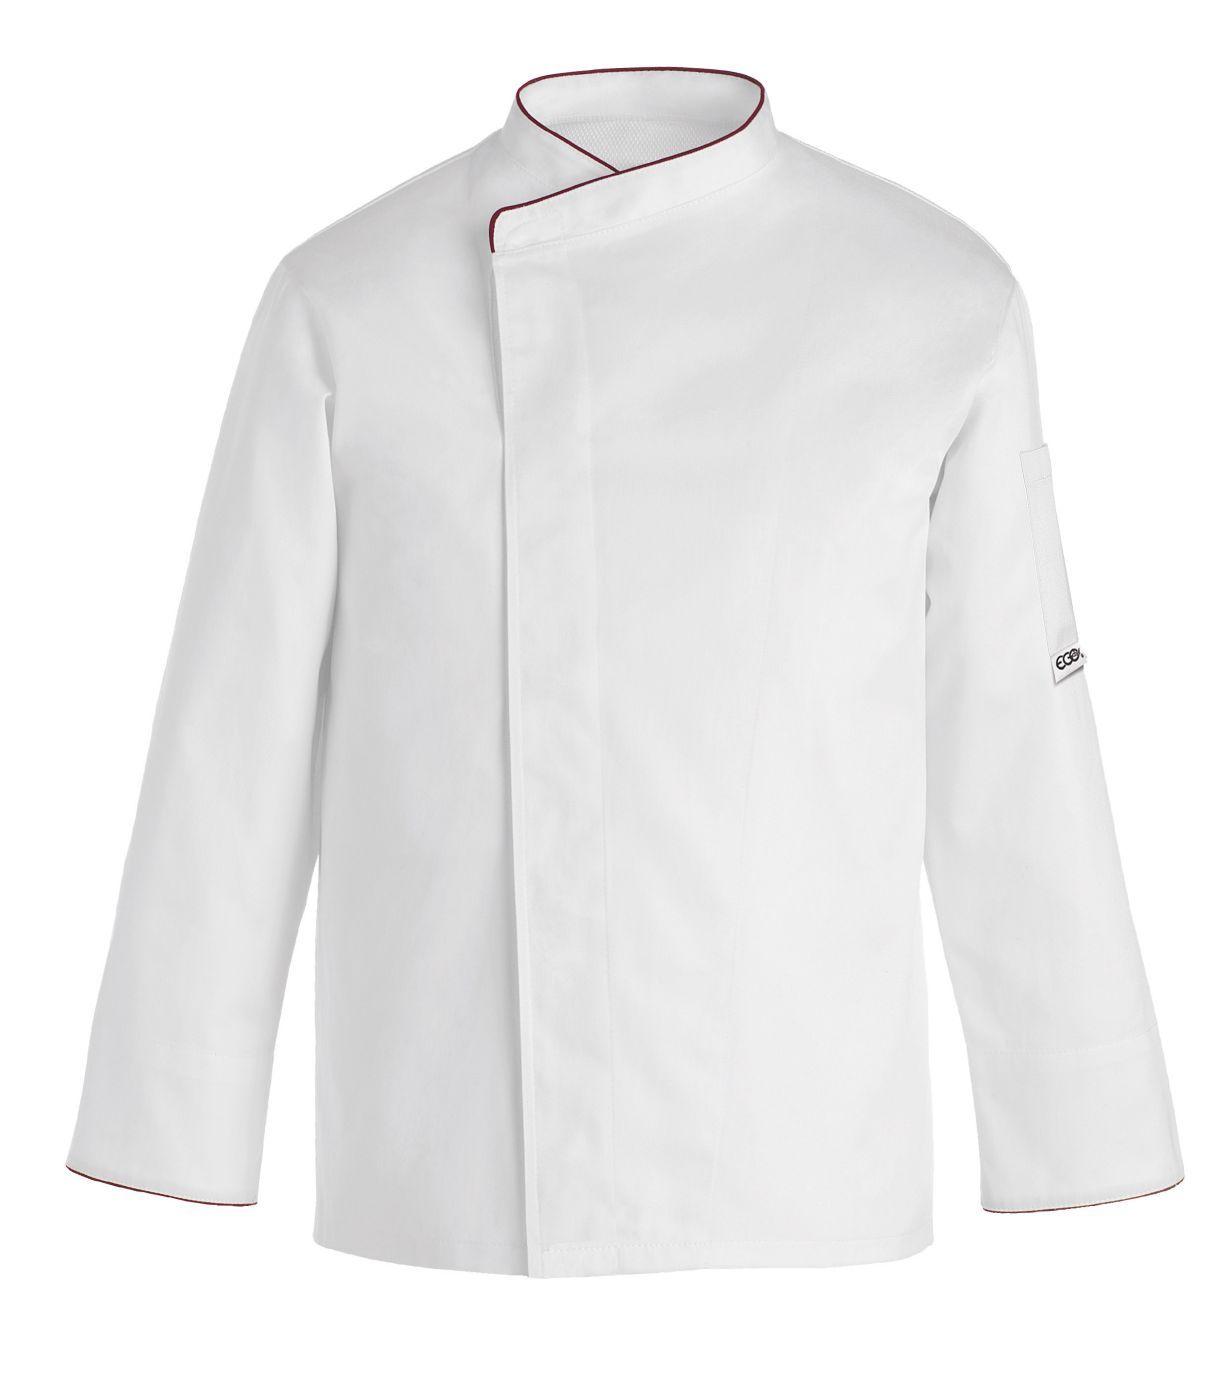 giacche da cuoco Taglie Grandi  dd550eefff46